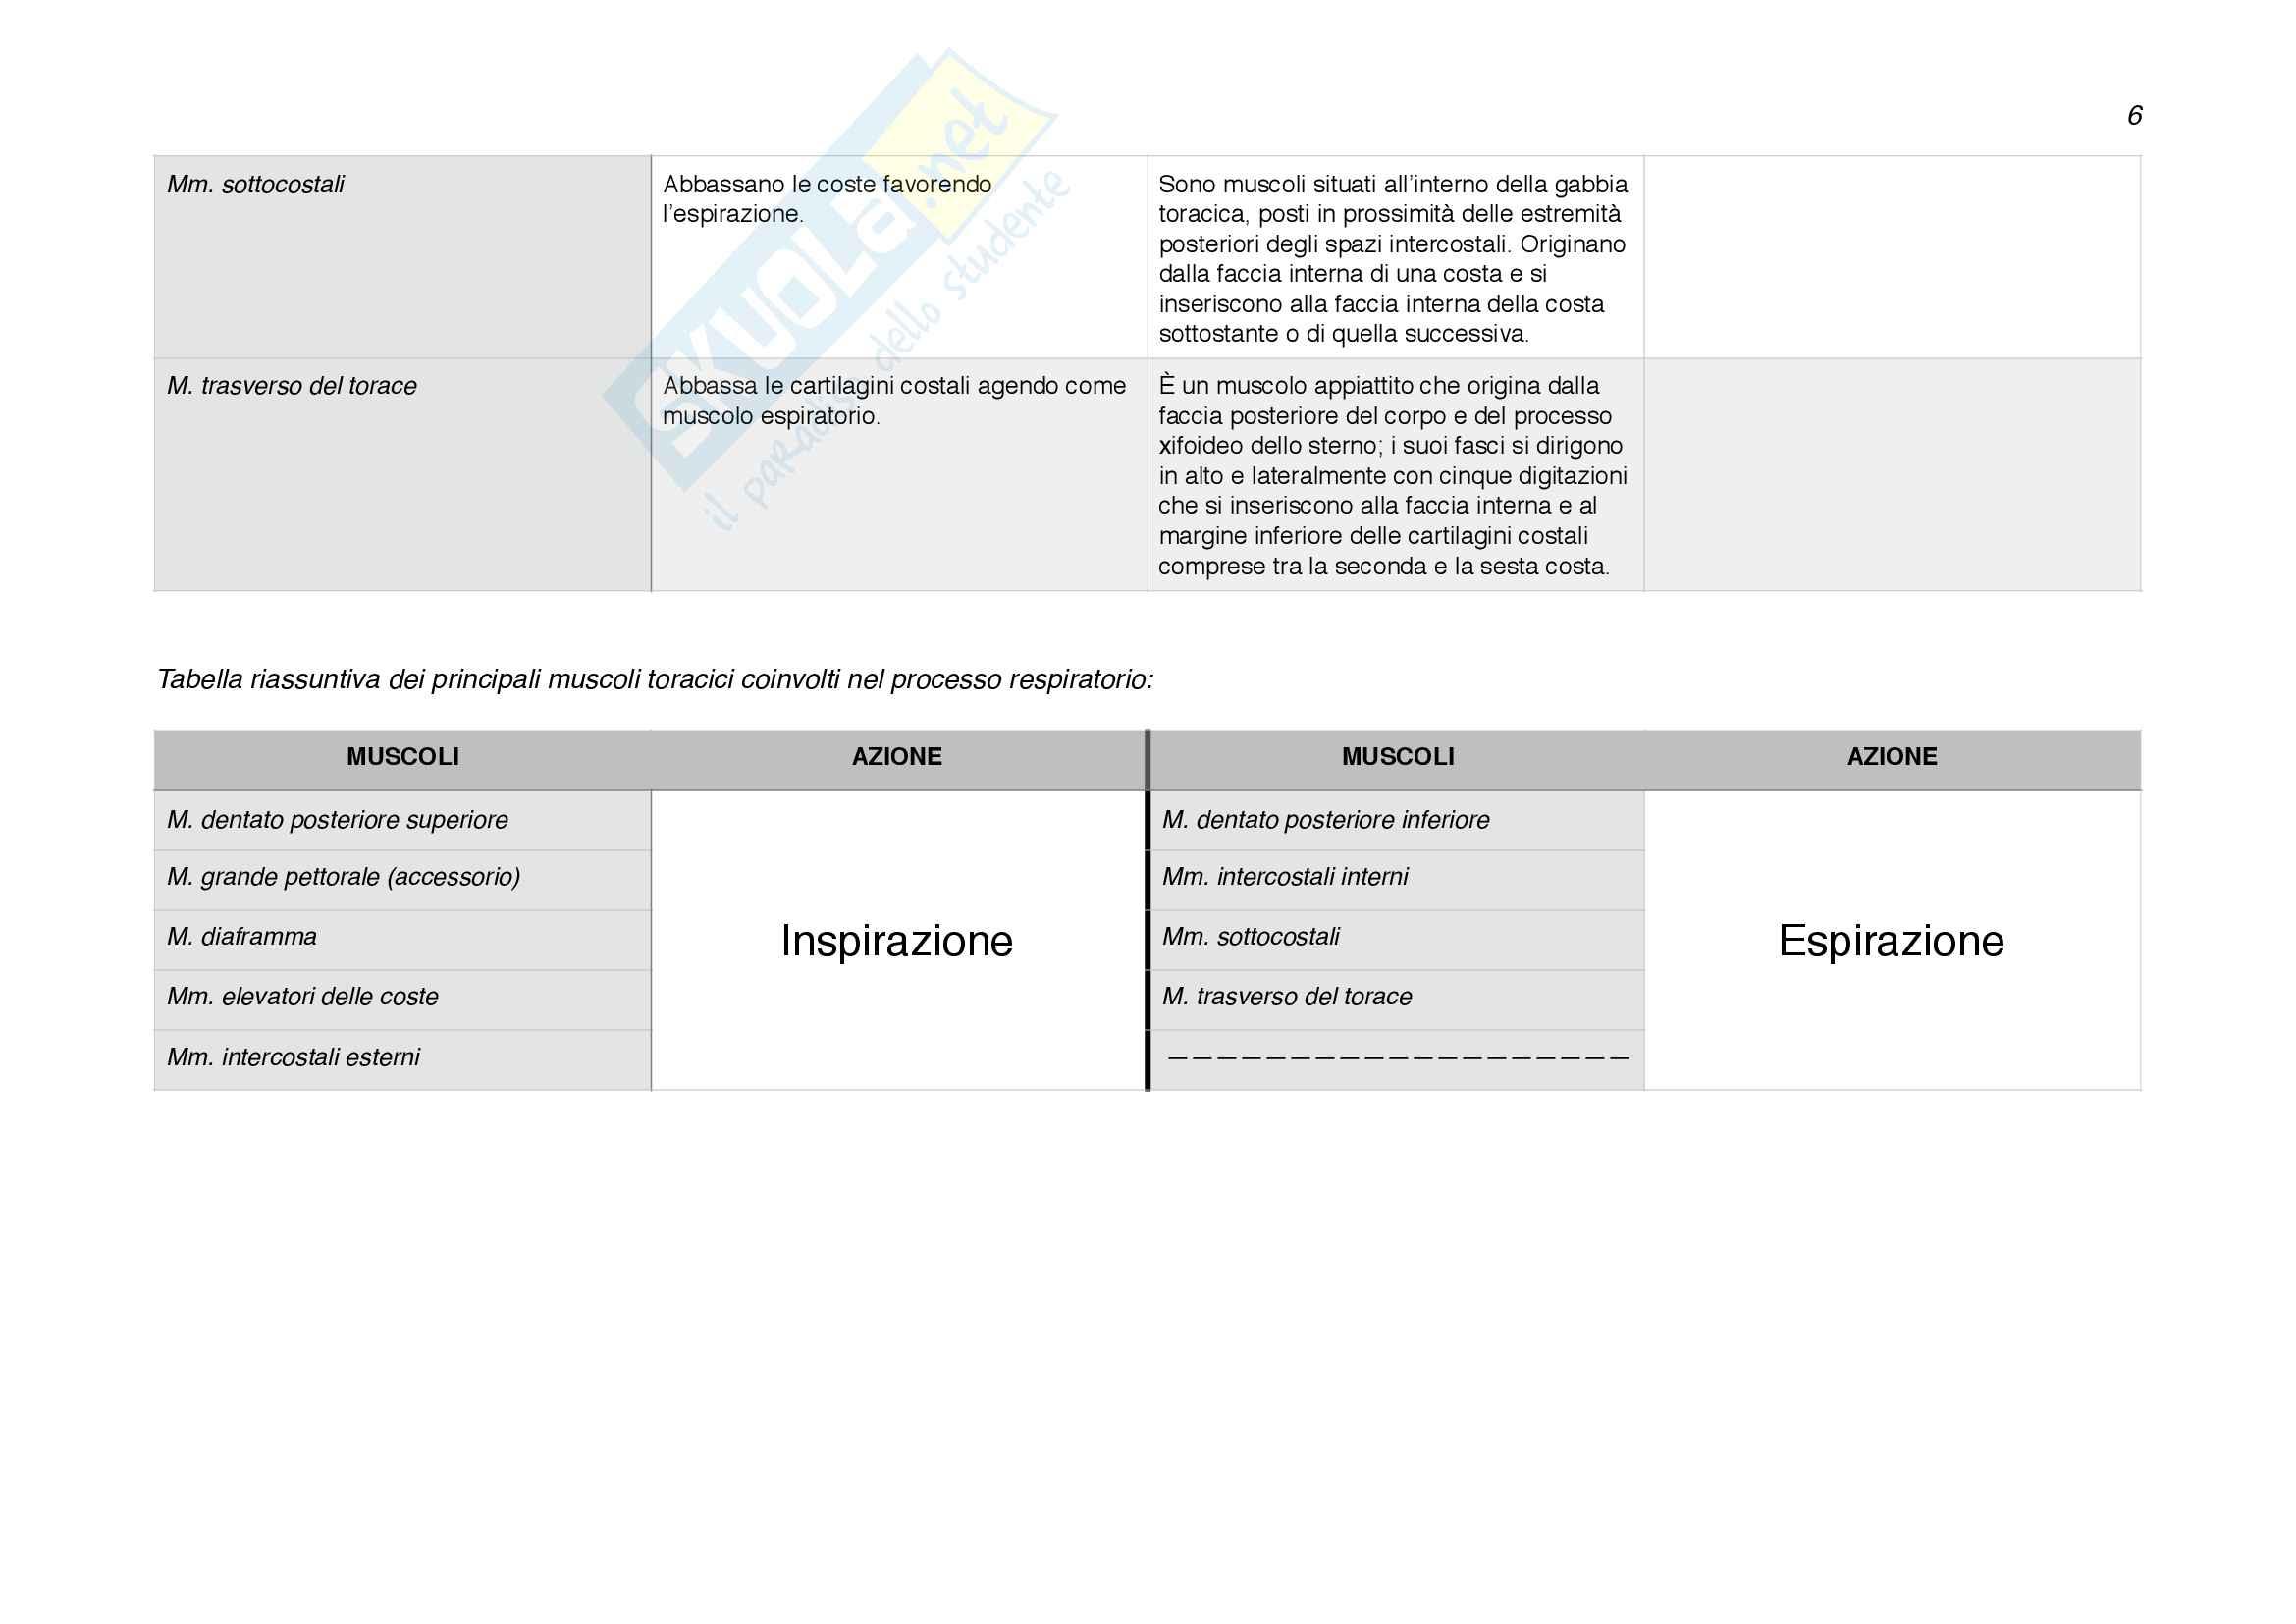 Origini e inserzioni muscolari; funzioni dei muscoli. Pag. 6